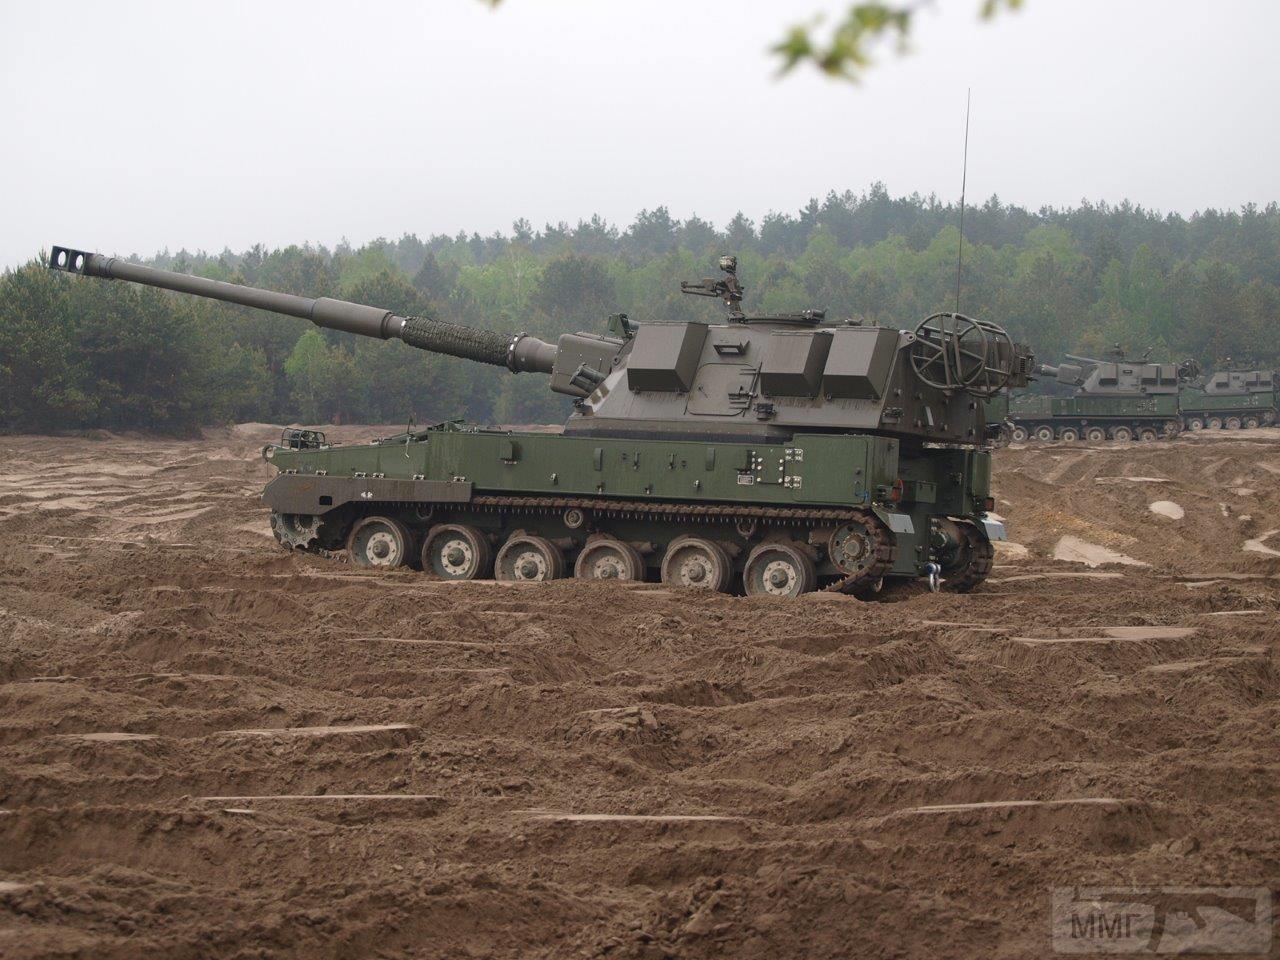 63438 - Самоходные орудия на гусеничном ходу